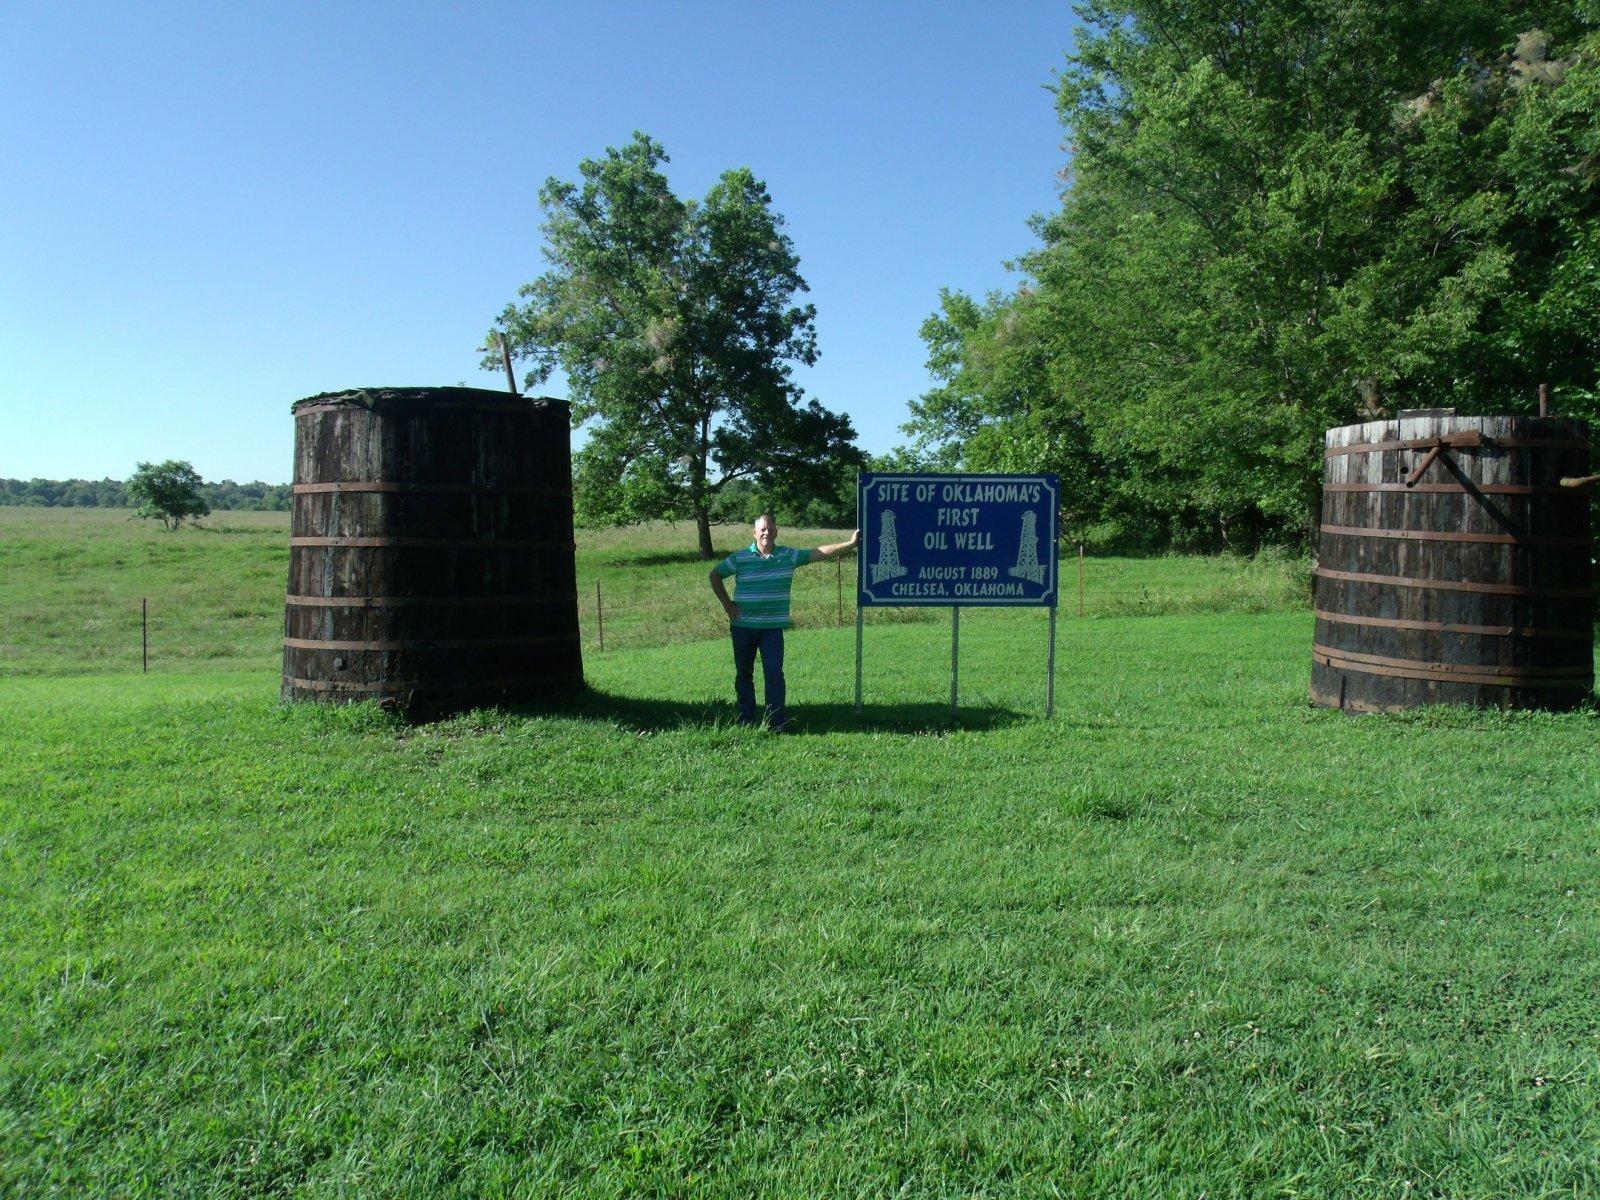 rt 66 day 2 065 oil well.jpg